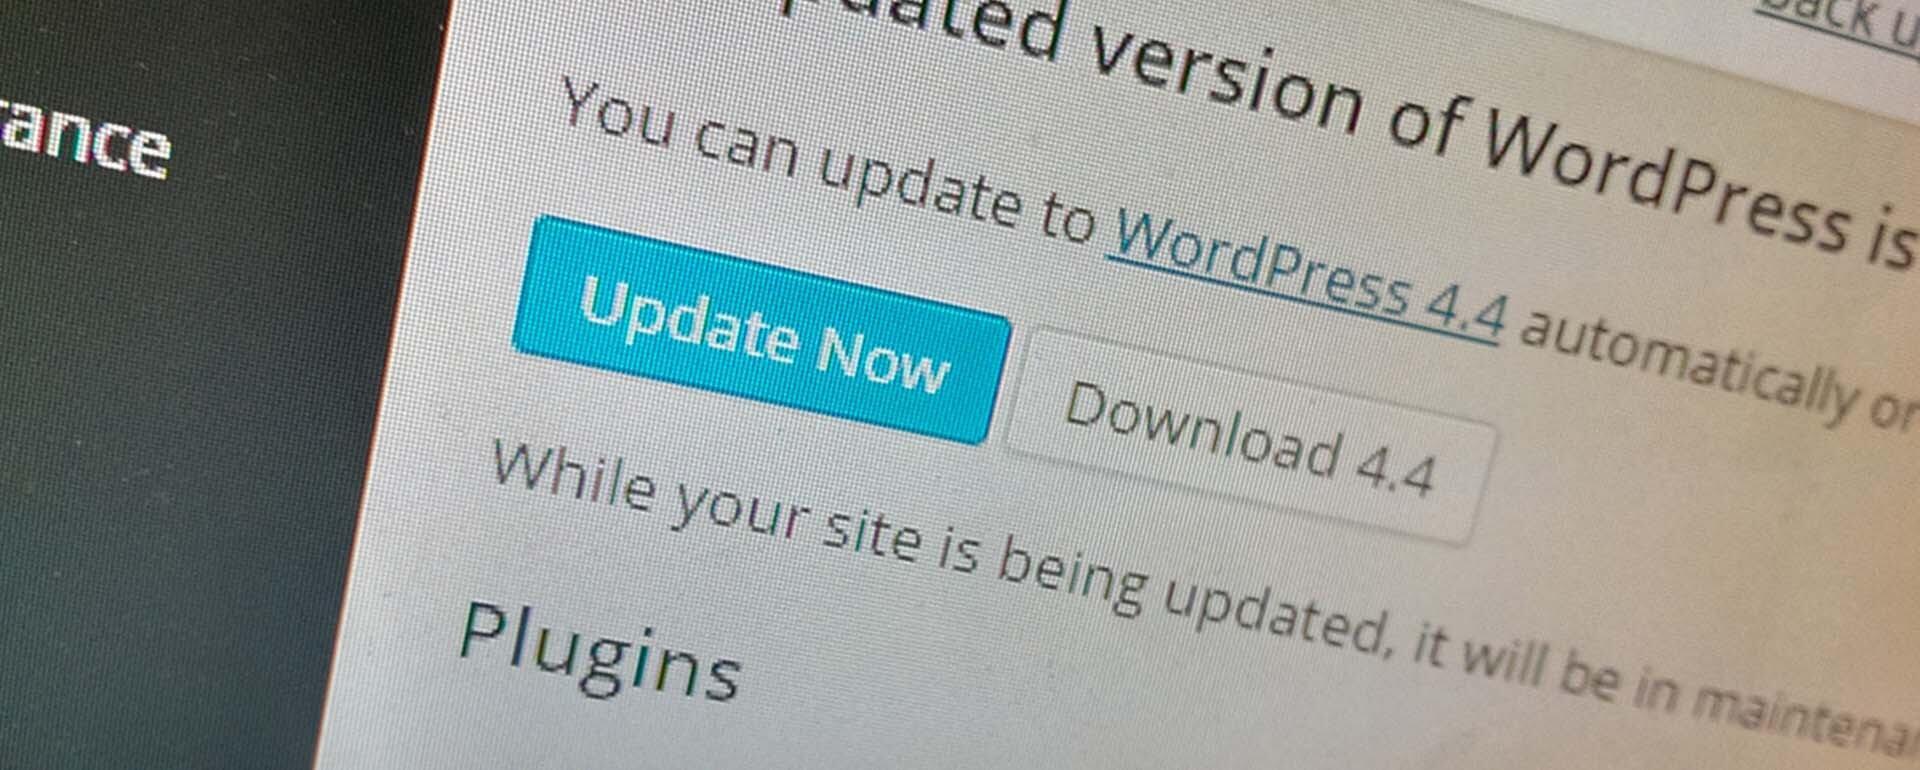 Wordpress Update 4.4